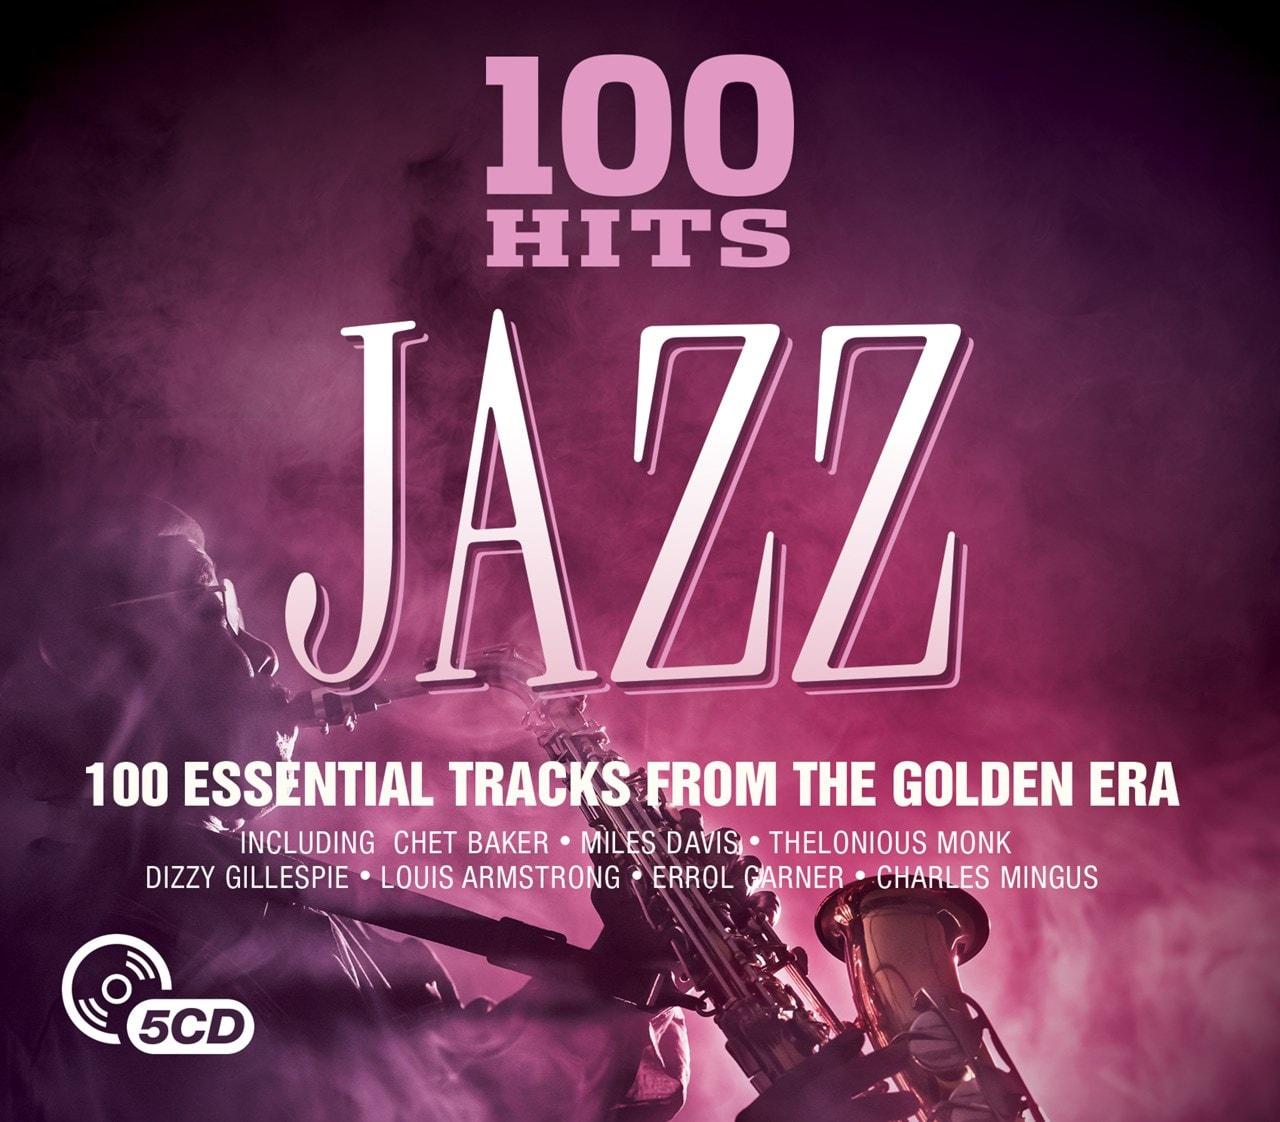 100 Hits: Jazz - 1